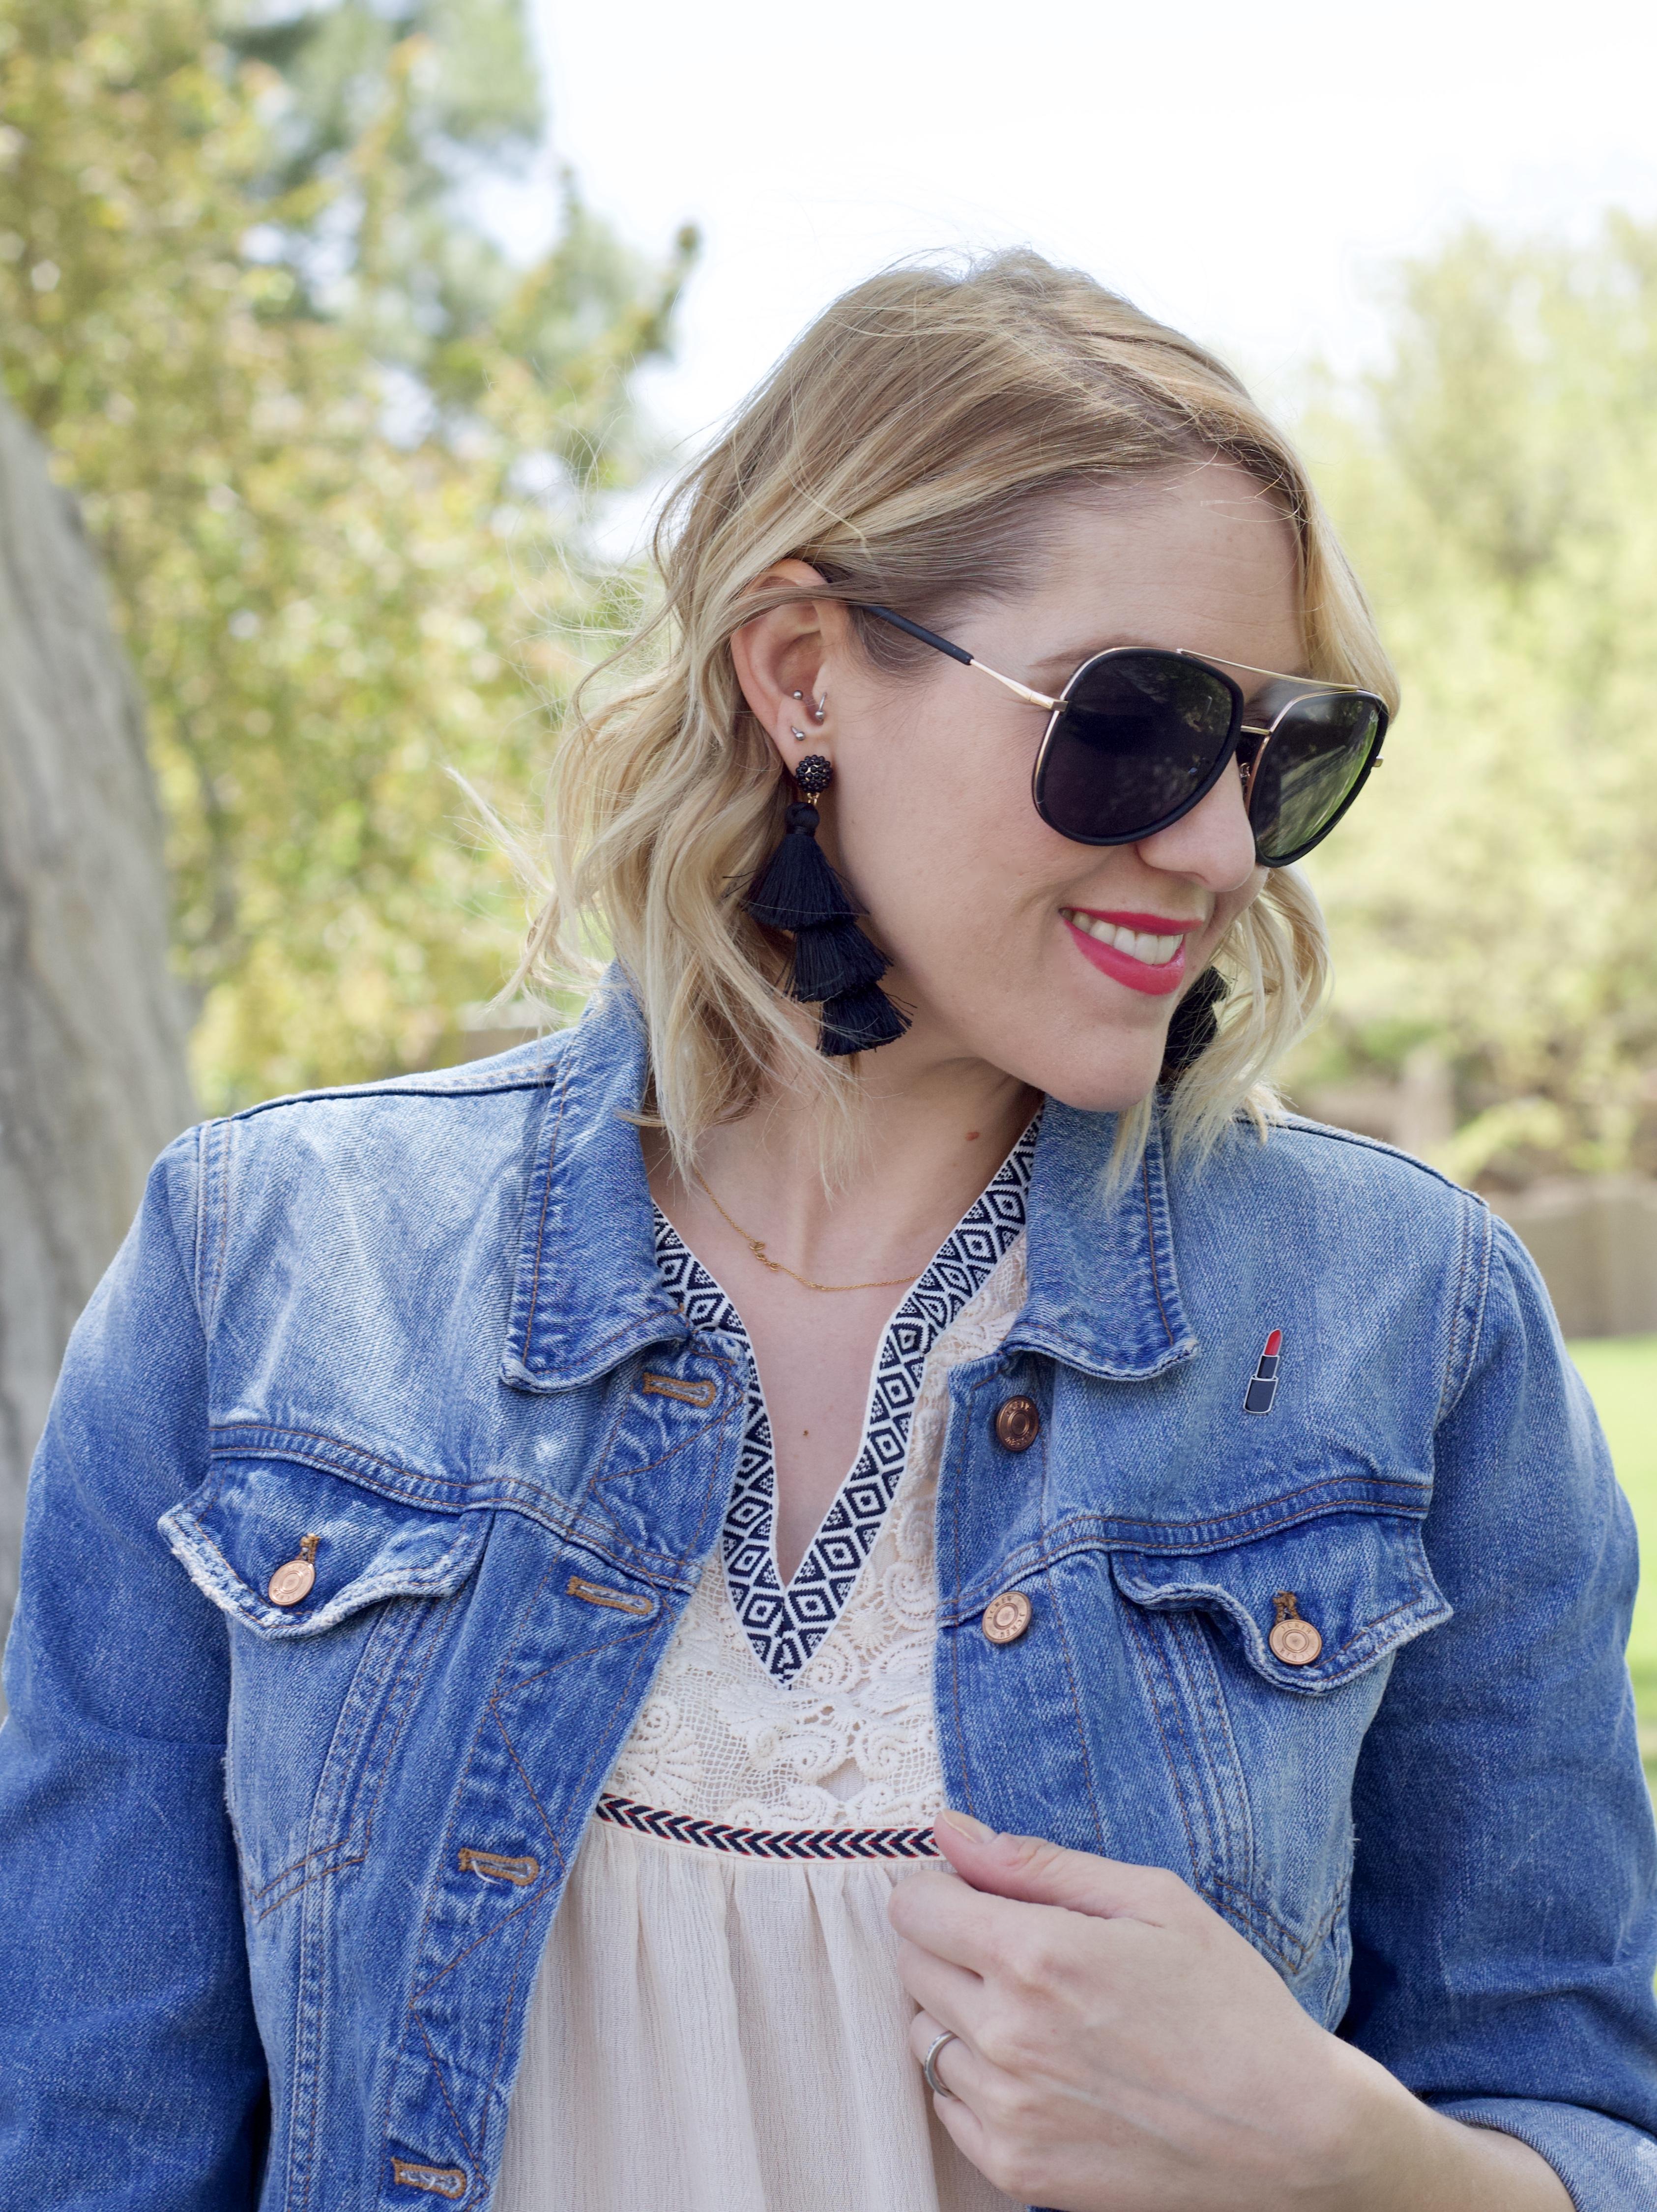 jcrew classic jean jacket, baublebar tassel earrings # baublebar #tasselearrings #denimjacket #quaysunglasses